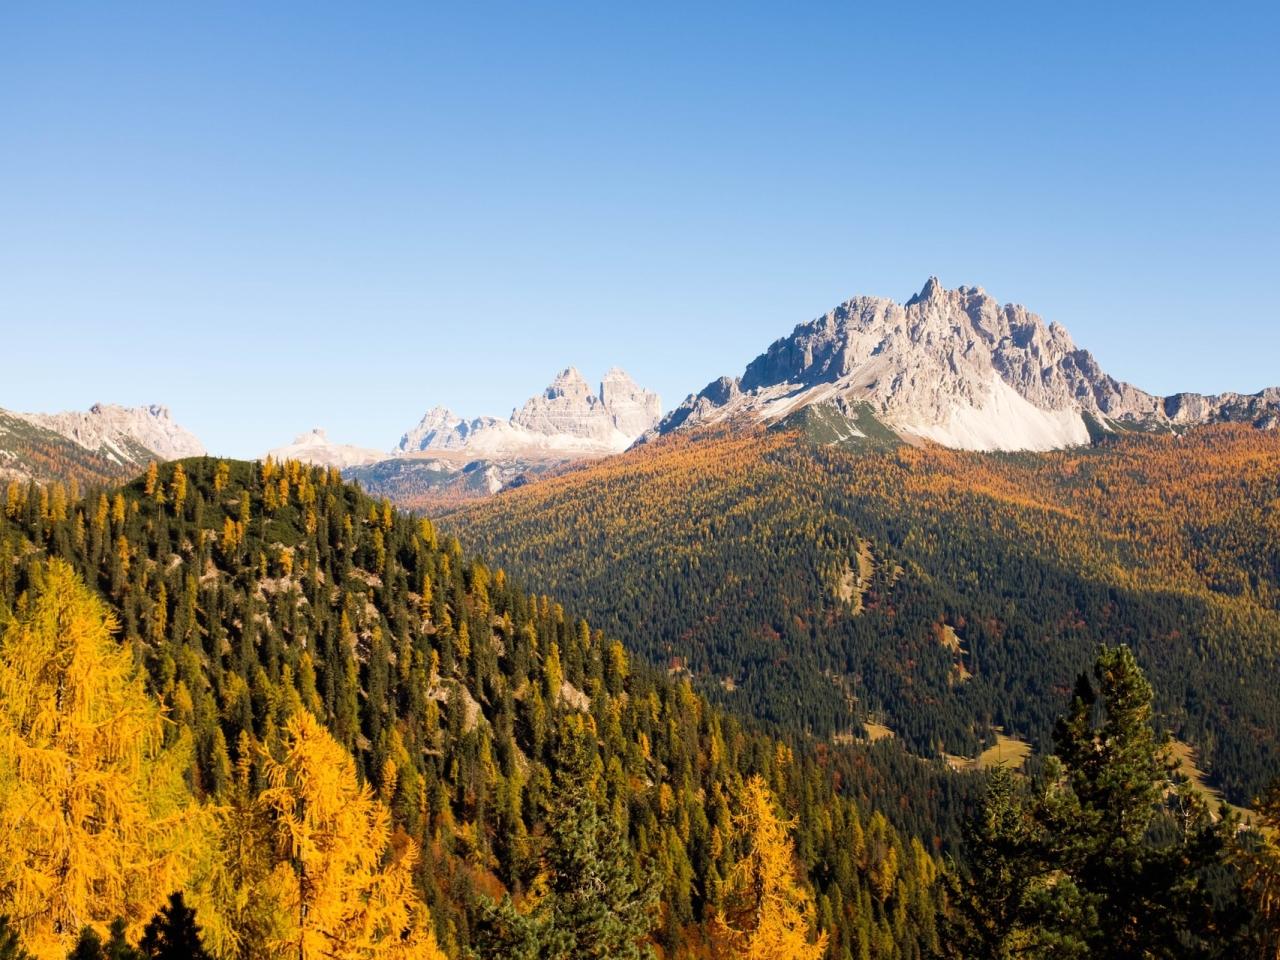 Reiseziele im goldenen Herbst | Unplanned